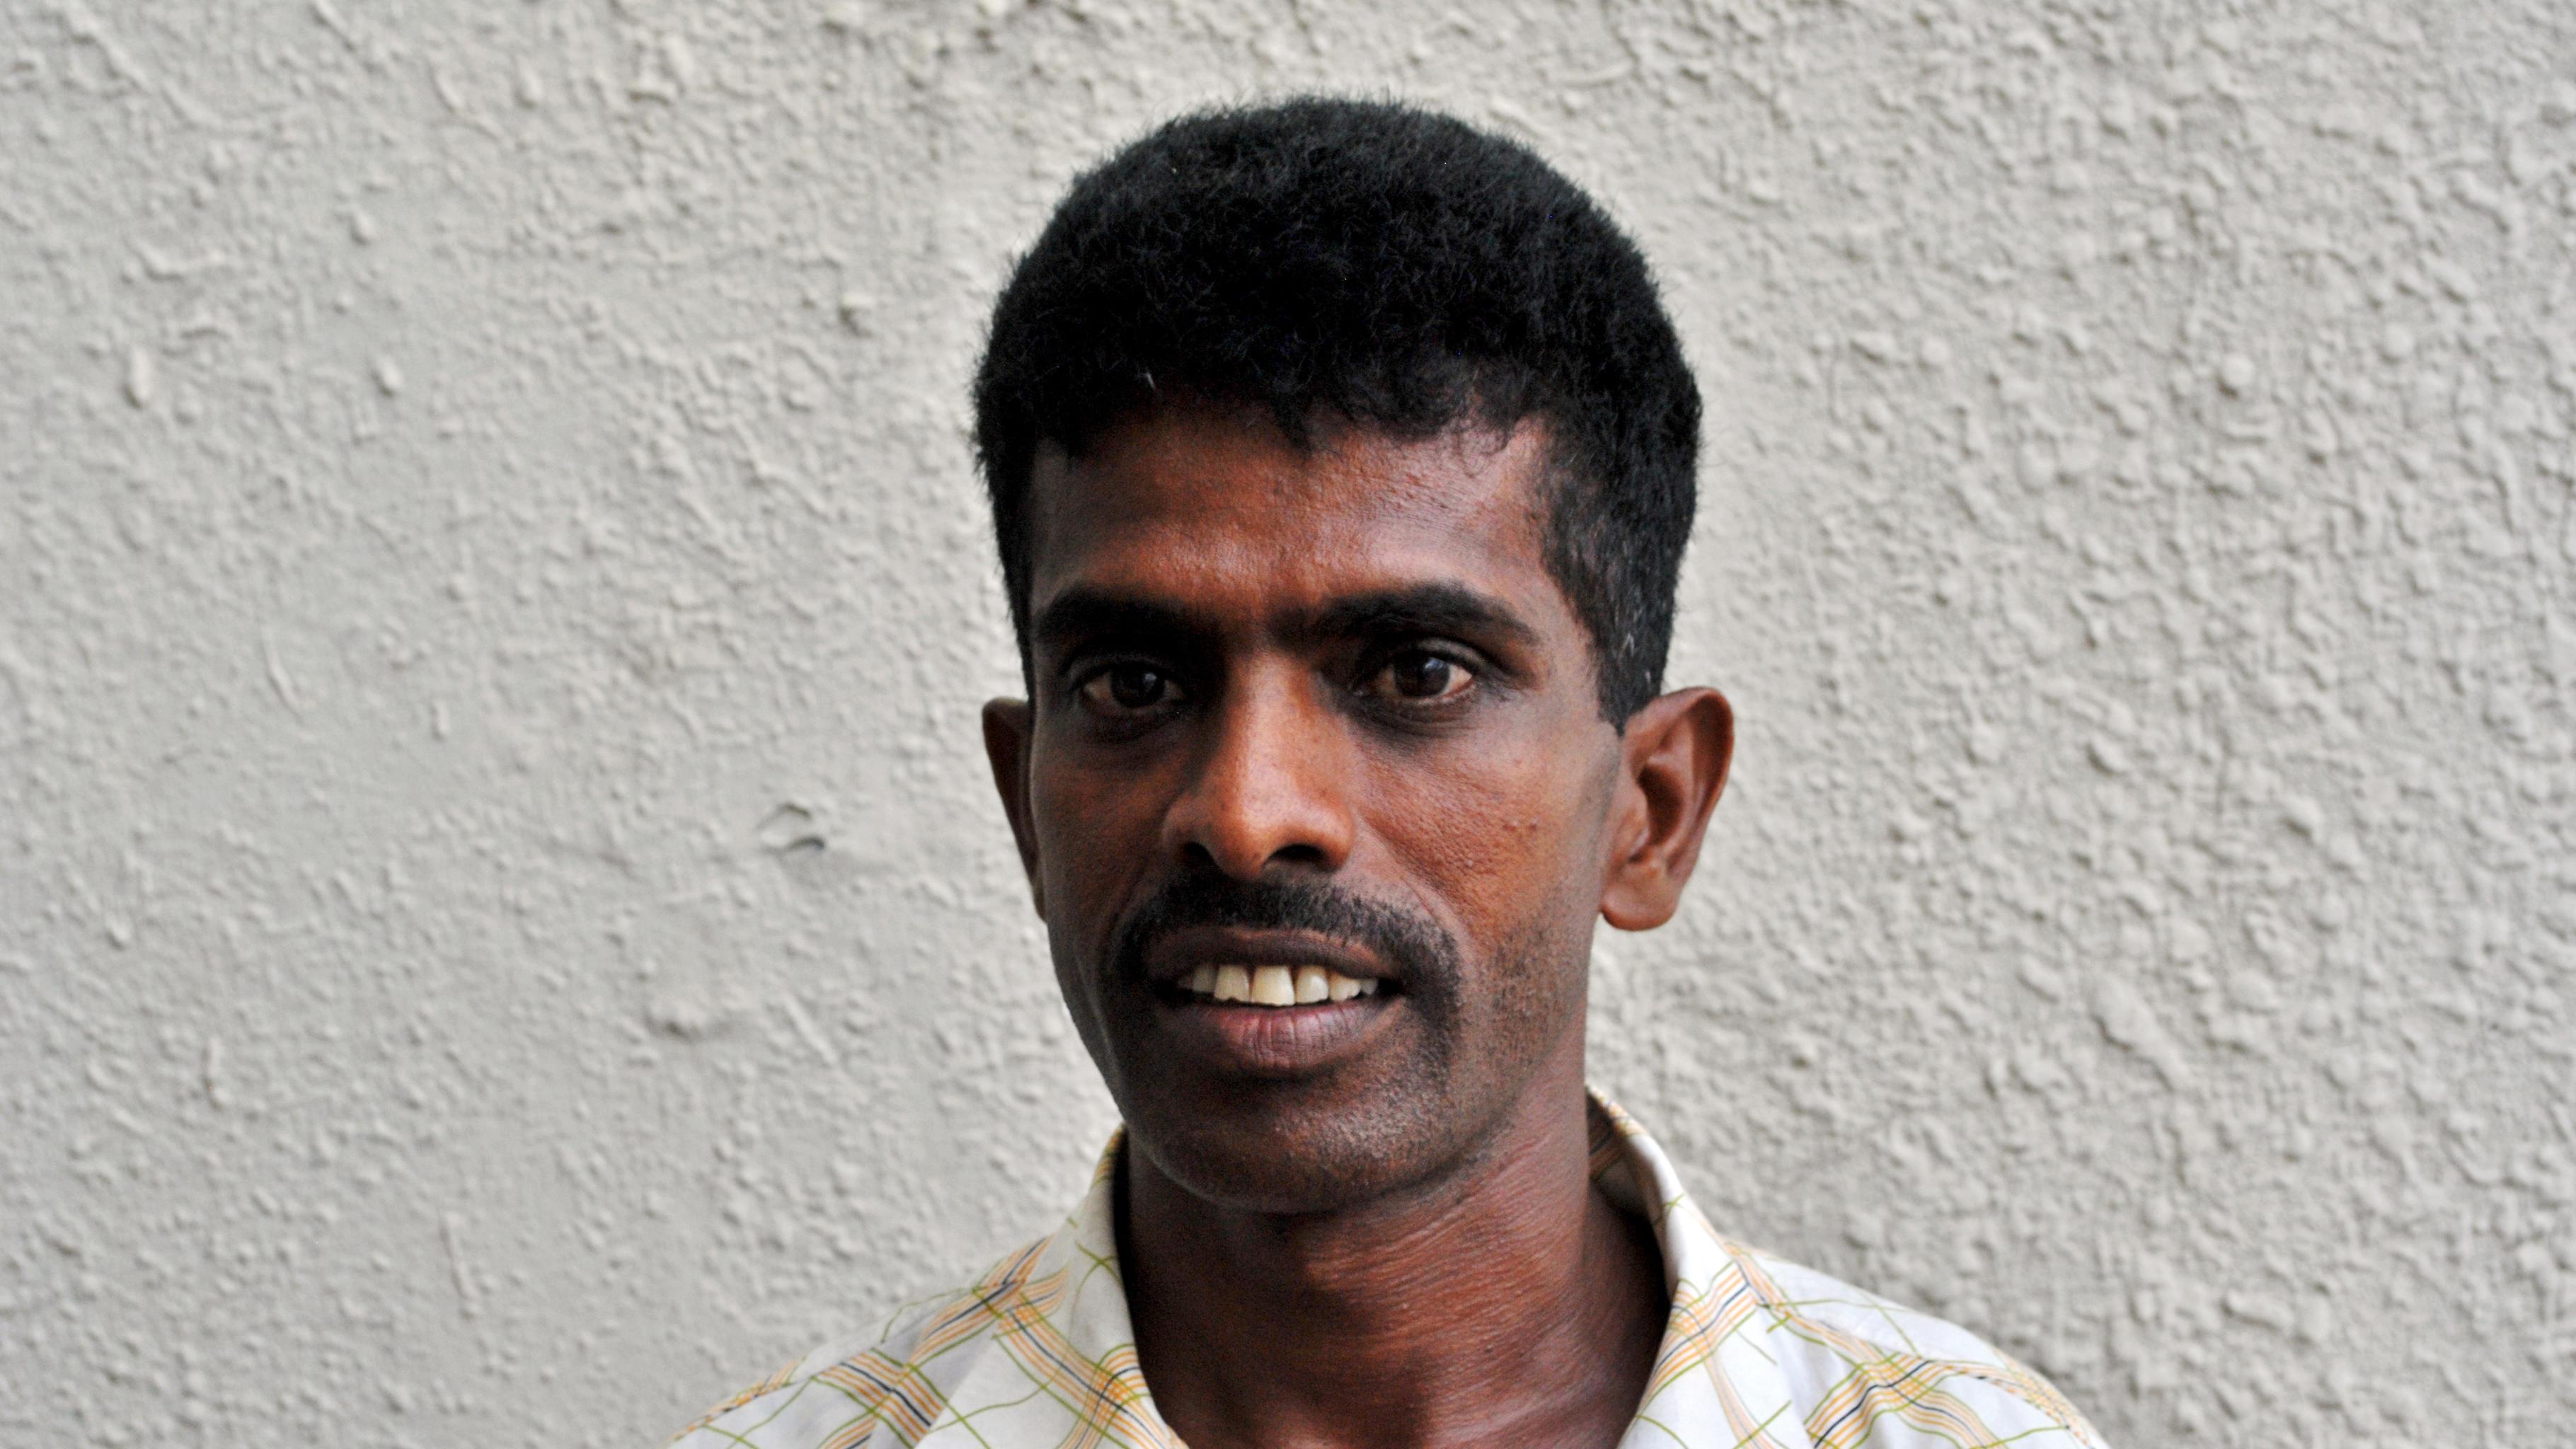 Punchirala Somasiri hat den Aufstand der Kleinbauern und -bäuerinnen in Sri Lanka angeführt.